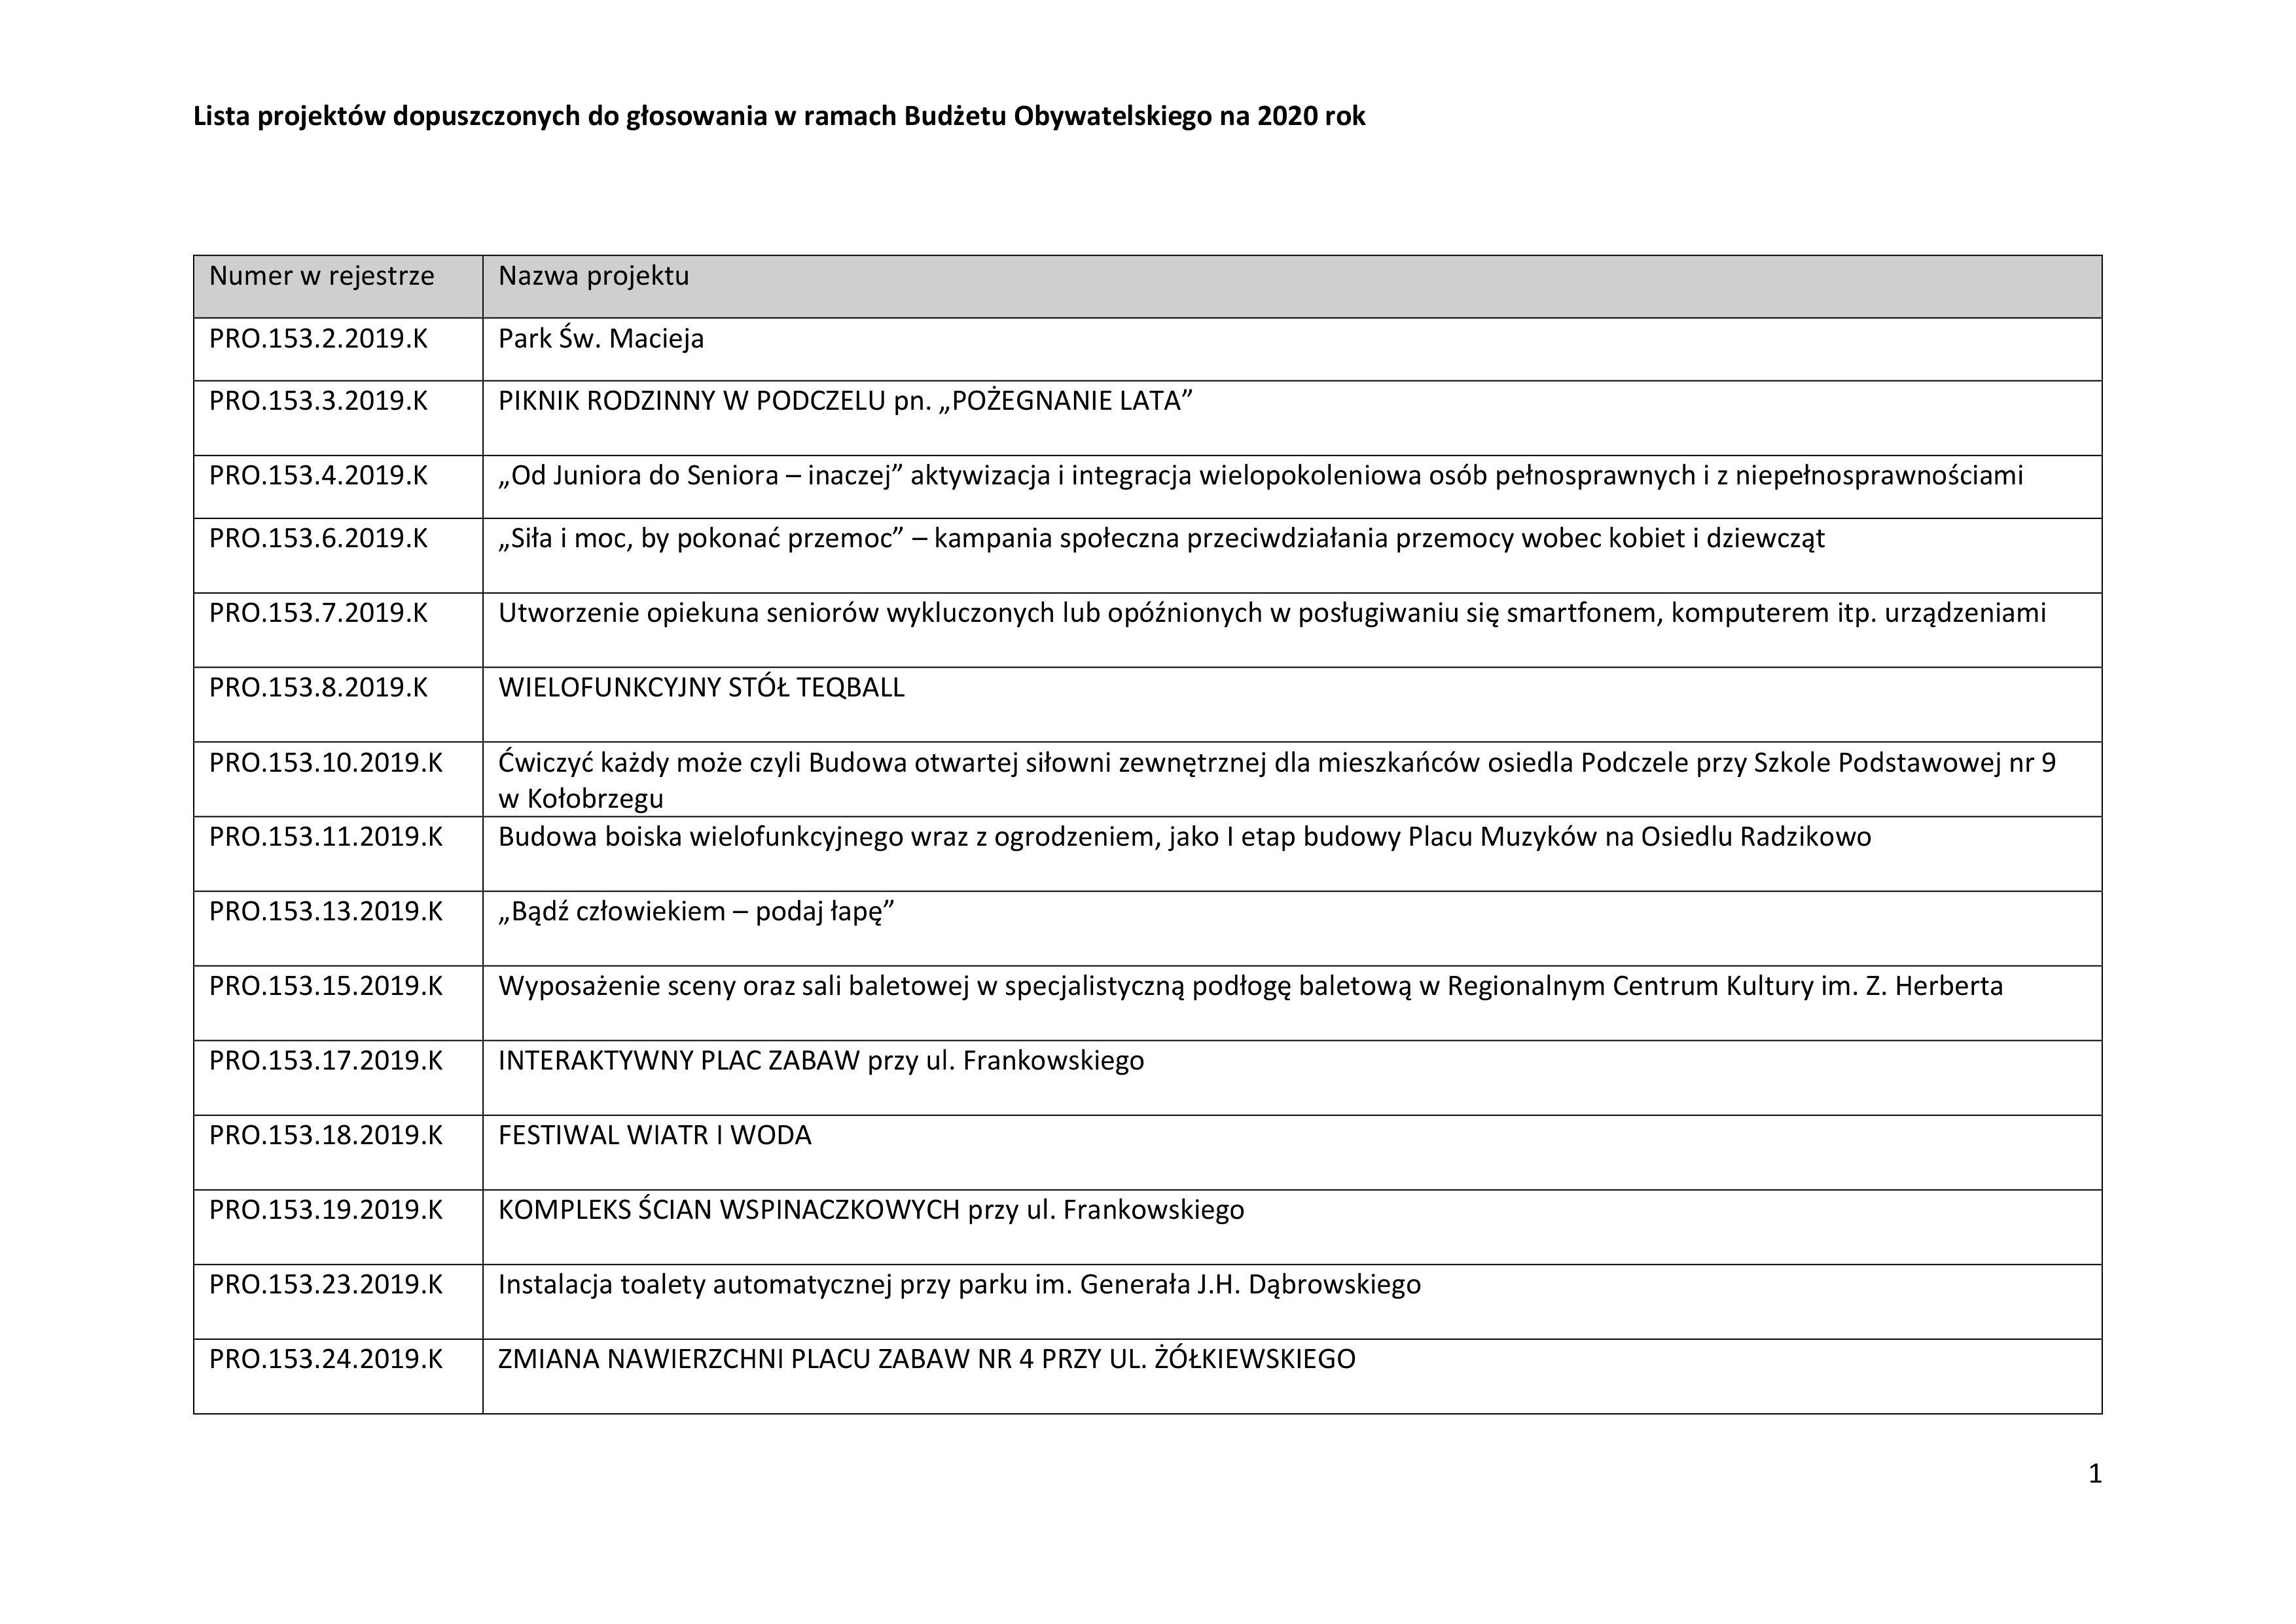 0001 - Jakie projekty wpłynęły do Budżetu Obywatelskiego? Jest m.in. Jadłodzielnia i interaktywny plac zabaw przy Frankowskiego (lista)